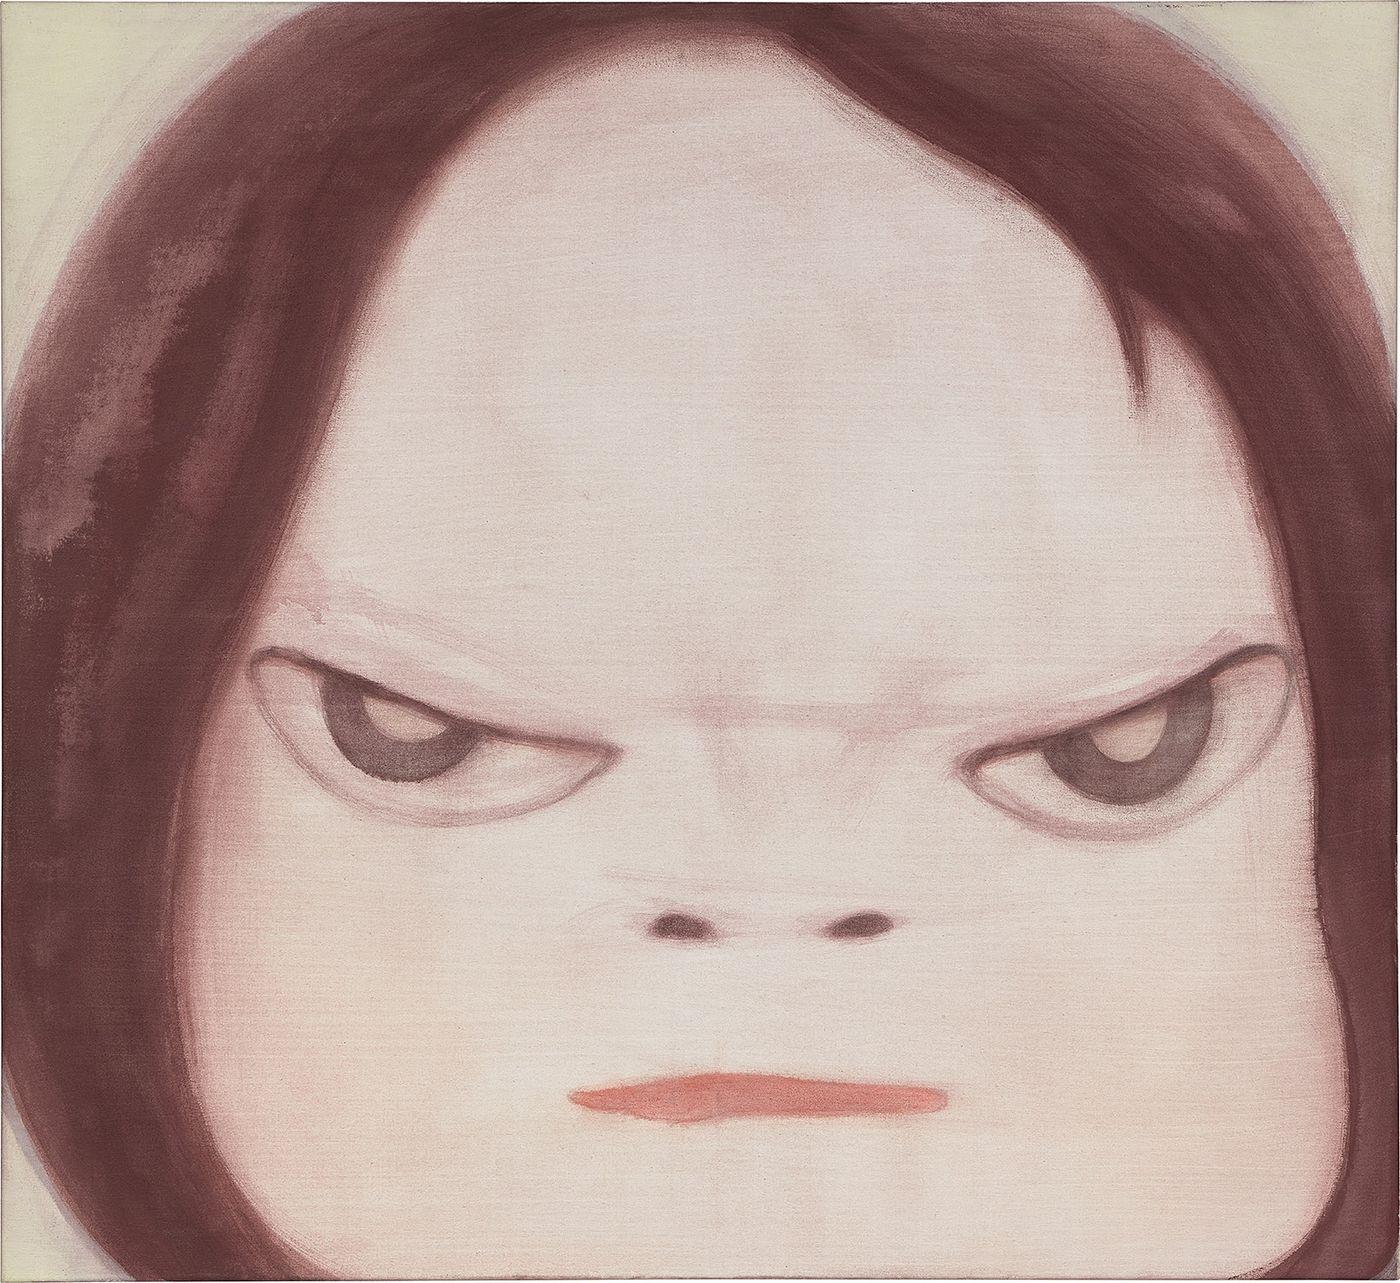 奈良美智的作品融合了日本的視覺傳統和西方流行文化,塑造出可愛又複雜的人物,並且擁有強烈豐富的情感,他從多種藝術傳統中,創造出最具個人獨特風格的肖像畫。